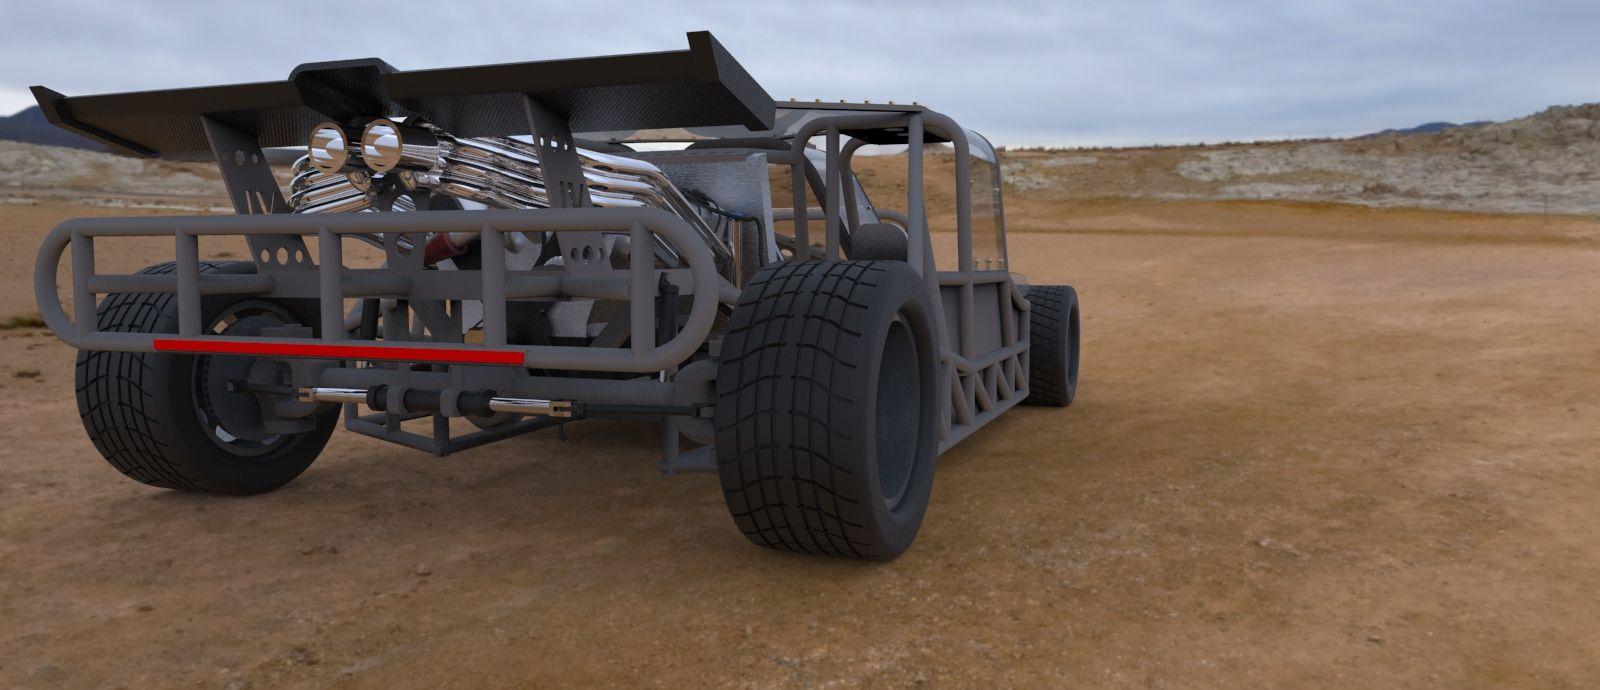 Ramp-car-vr-44-3500-3500